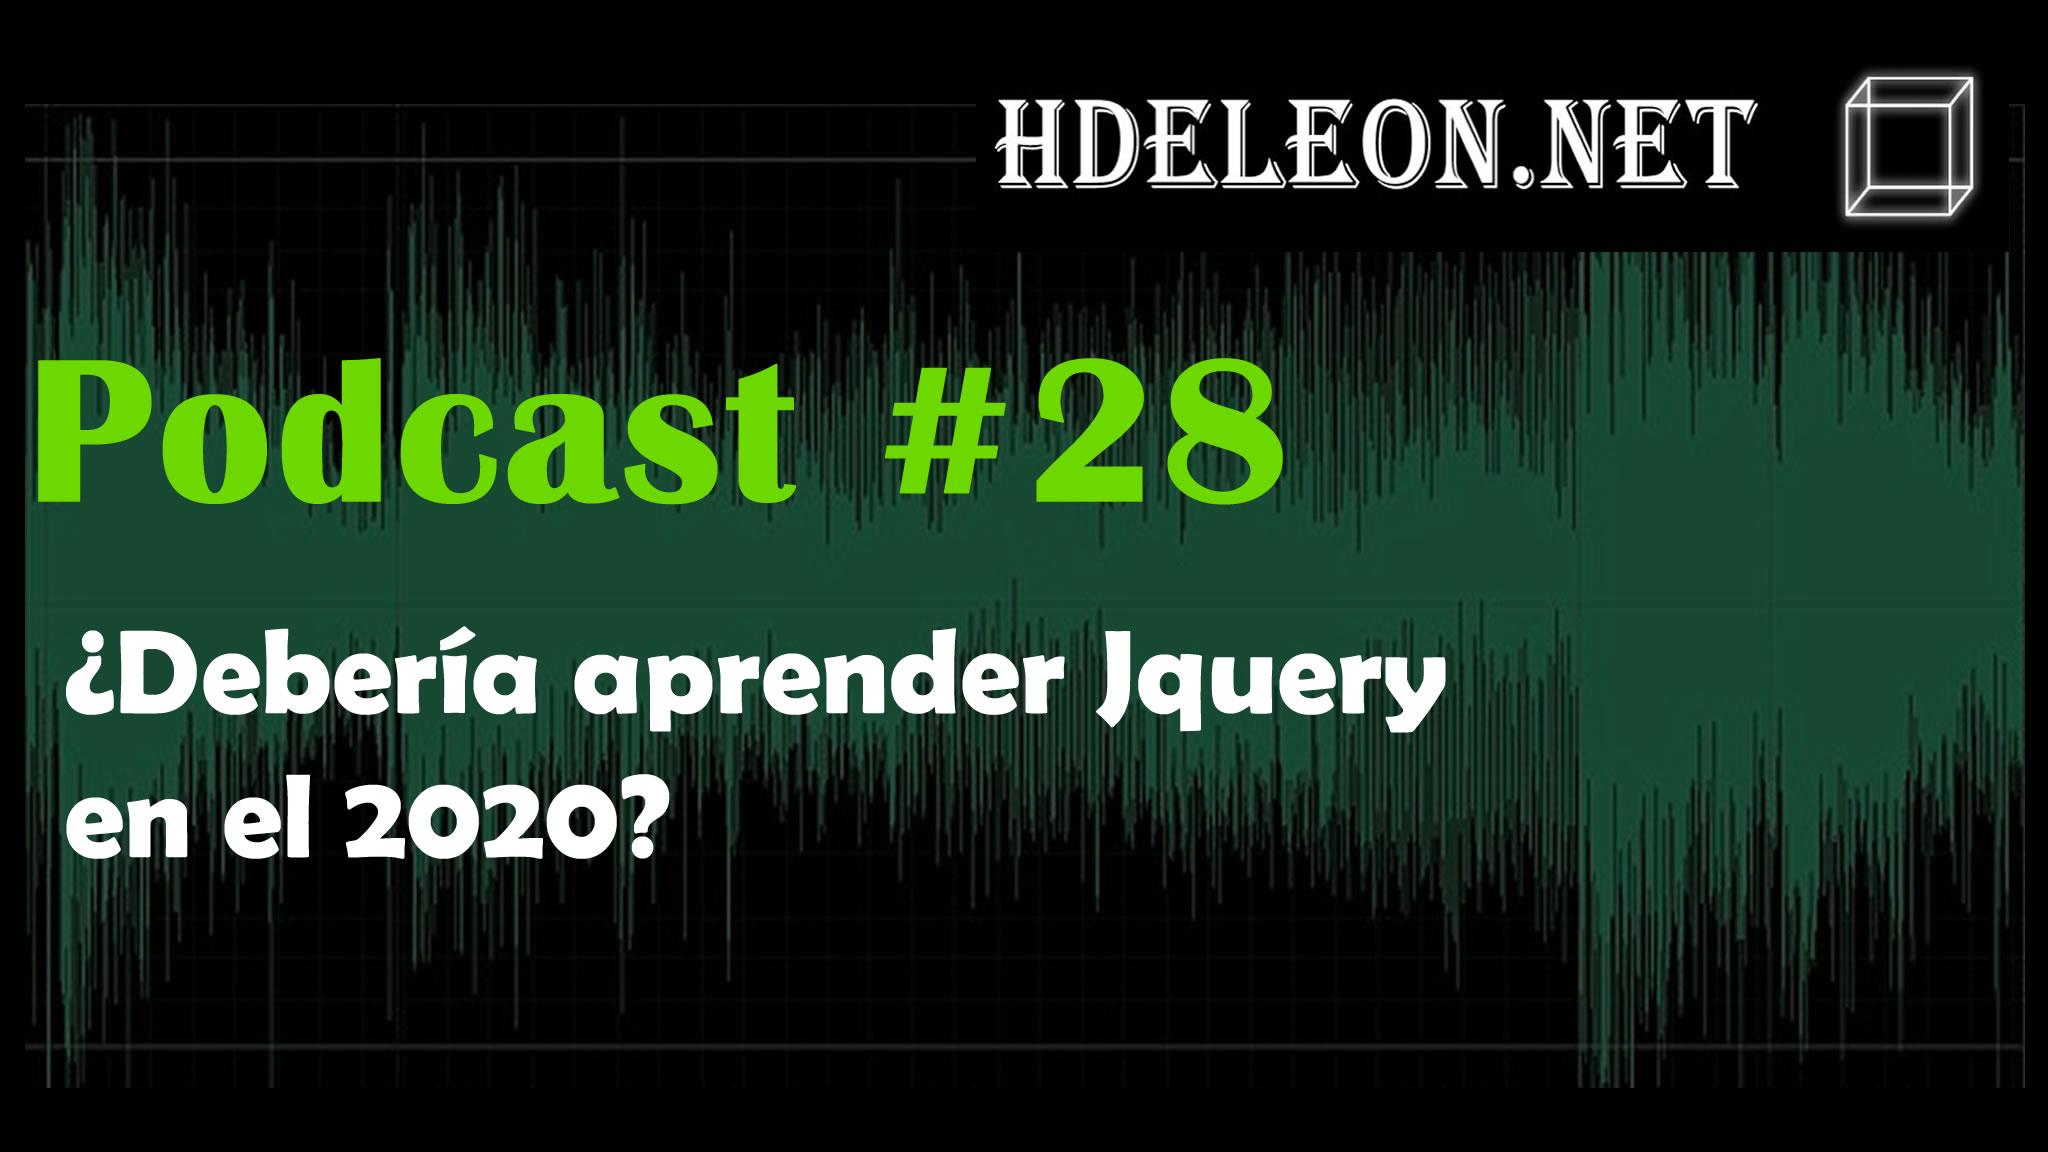 Podcast #28 – ¿Debería aprender Jquery en el 2020?